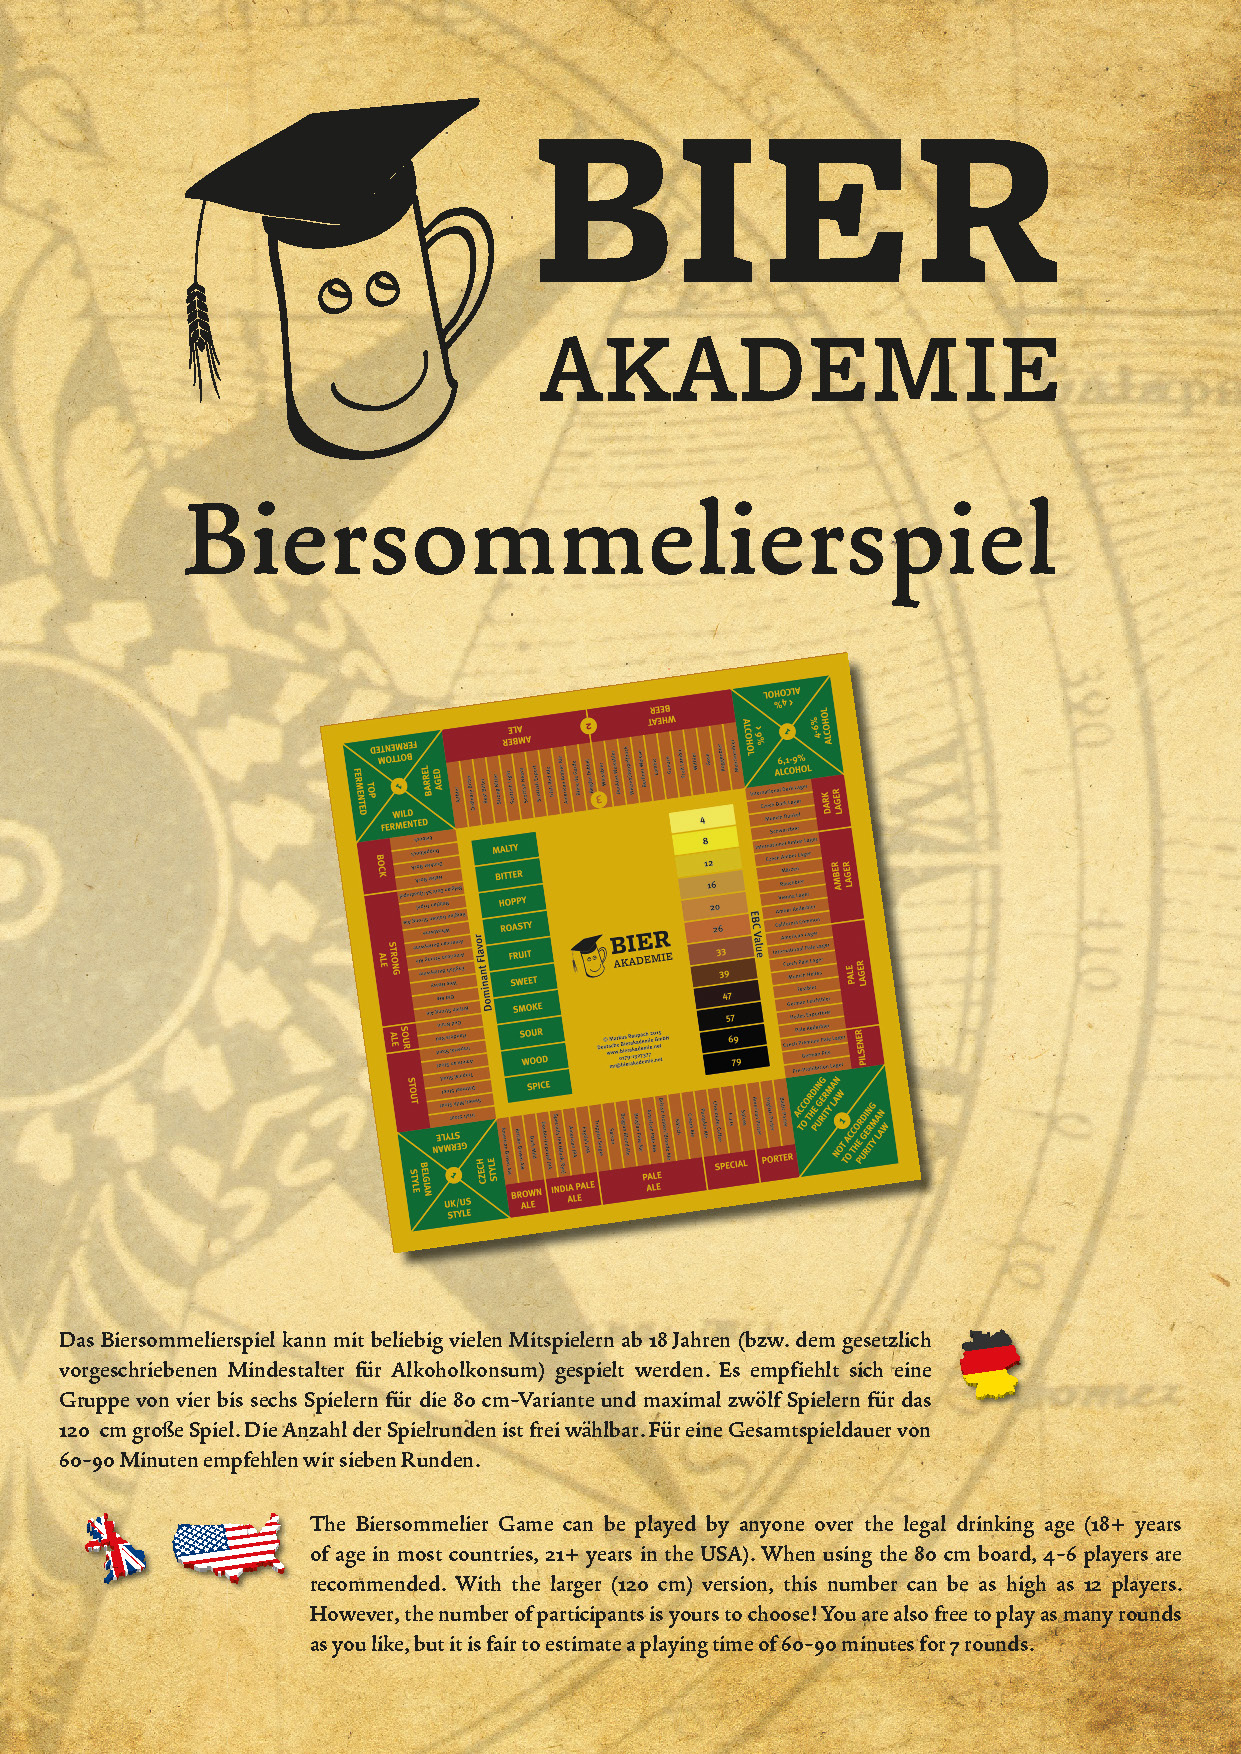 biersommelierspiel-anleitung-web_Seite_1.jpg